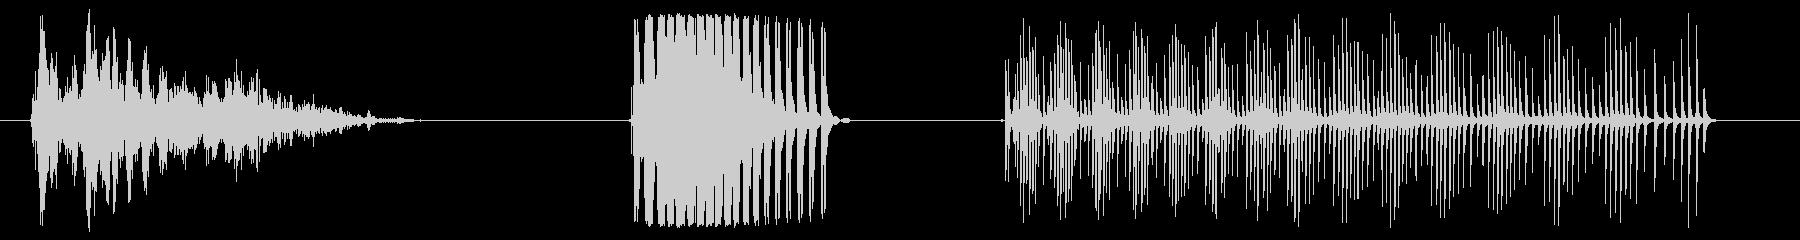 漫画、ローター1、3バージョン; ...の未再生の波形